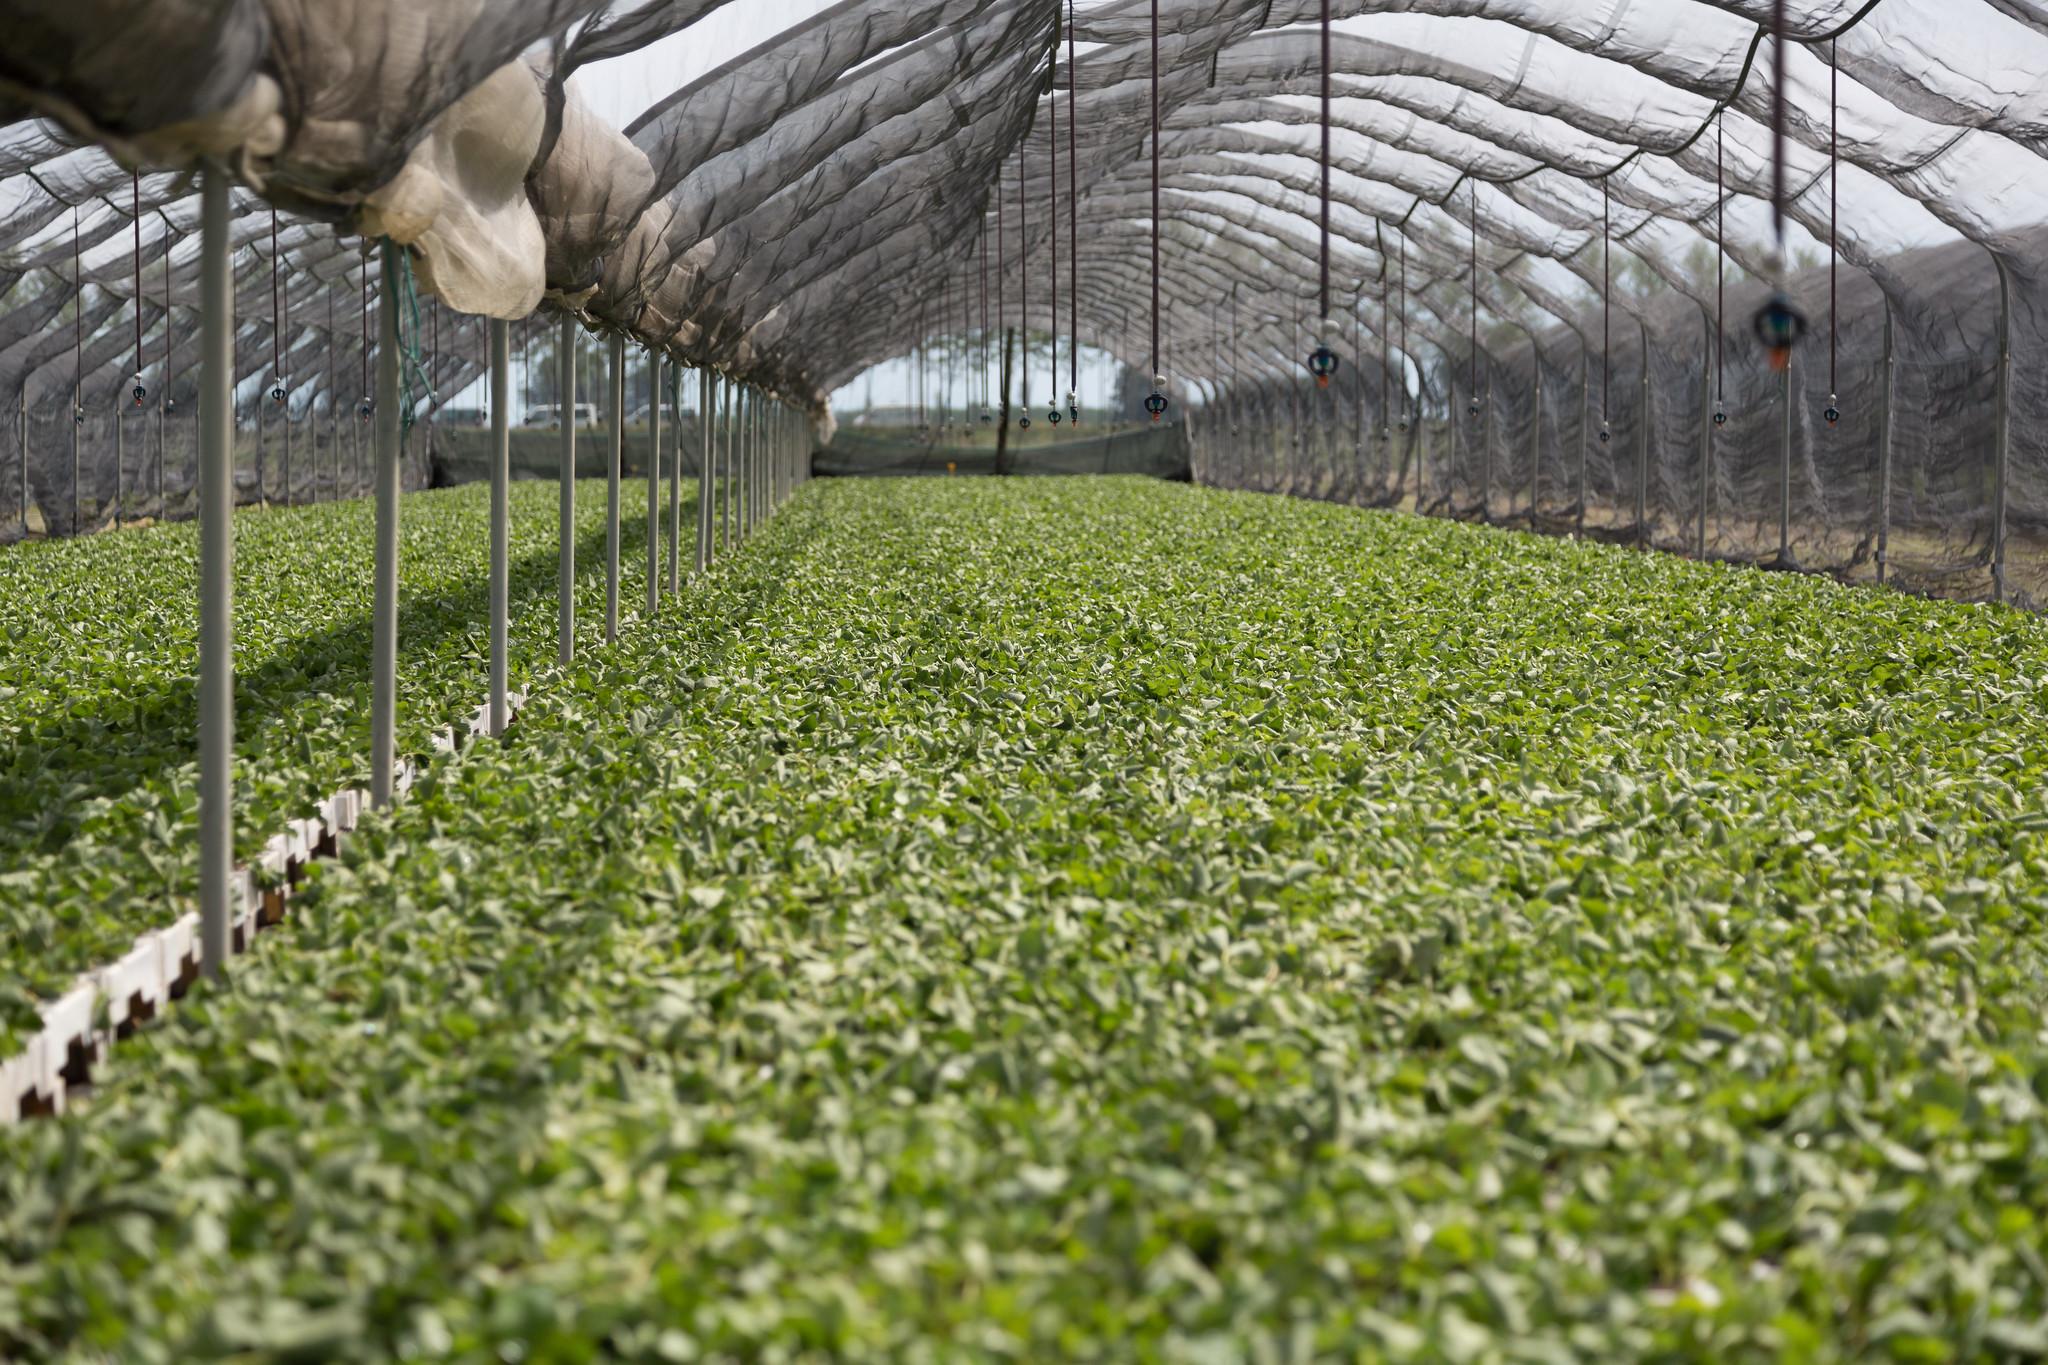 Fragole: il mercato oggi e la conferma della produzione vivaistica